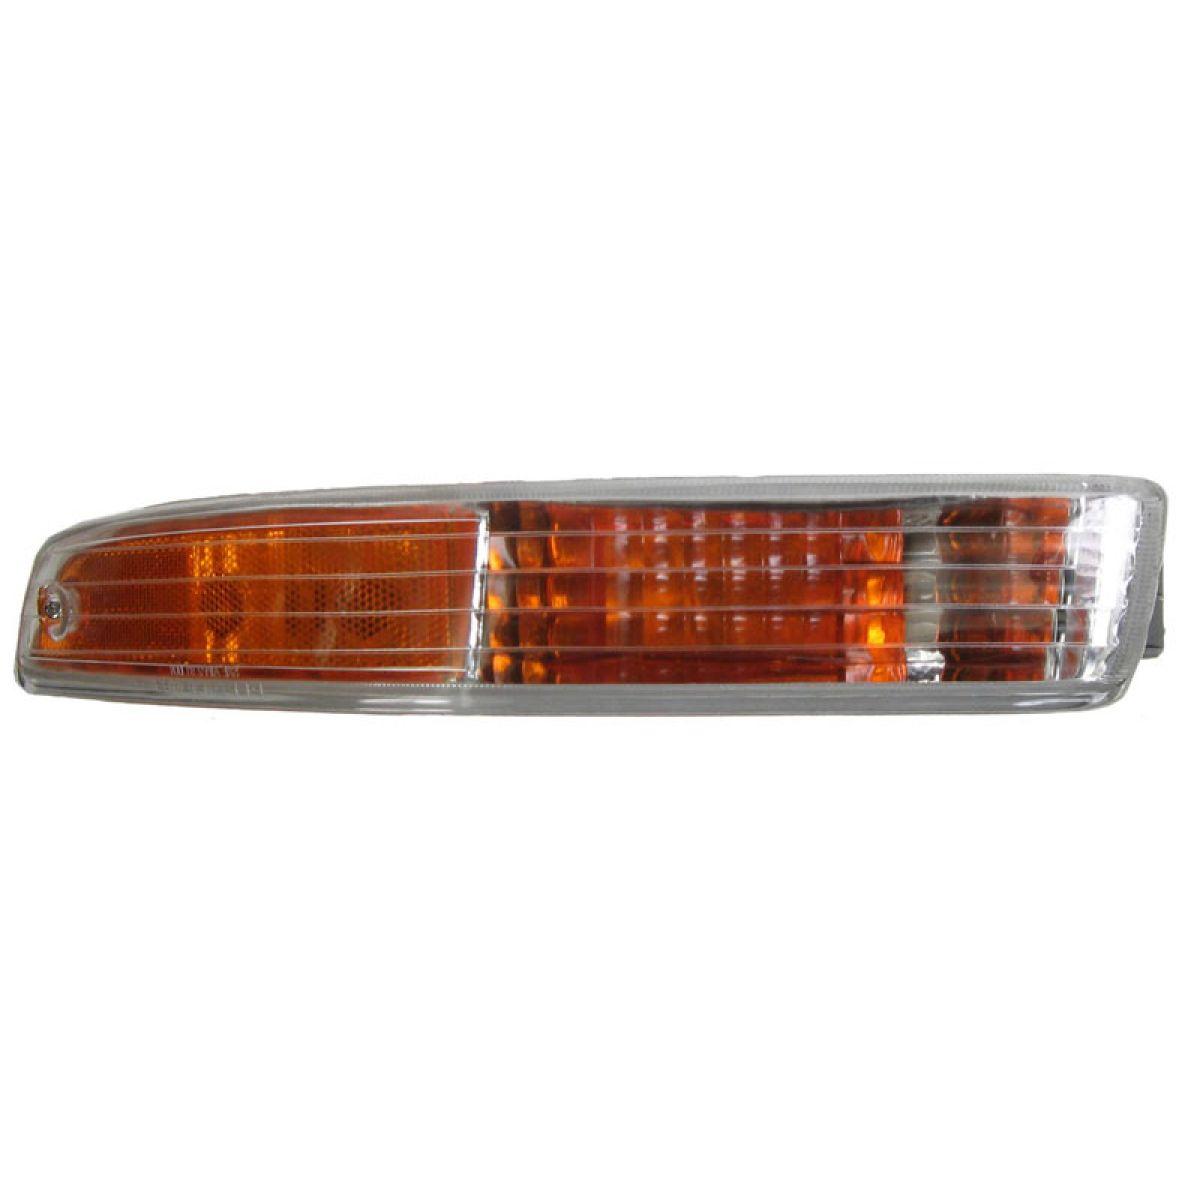 Front Side Marker Light RH Right For Acura Integra 94-97